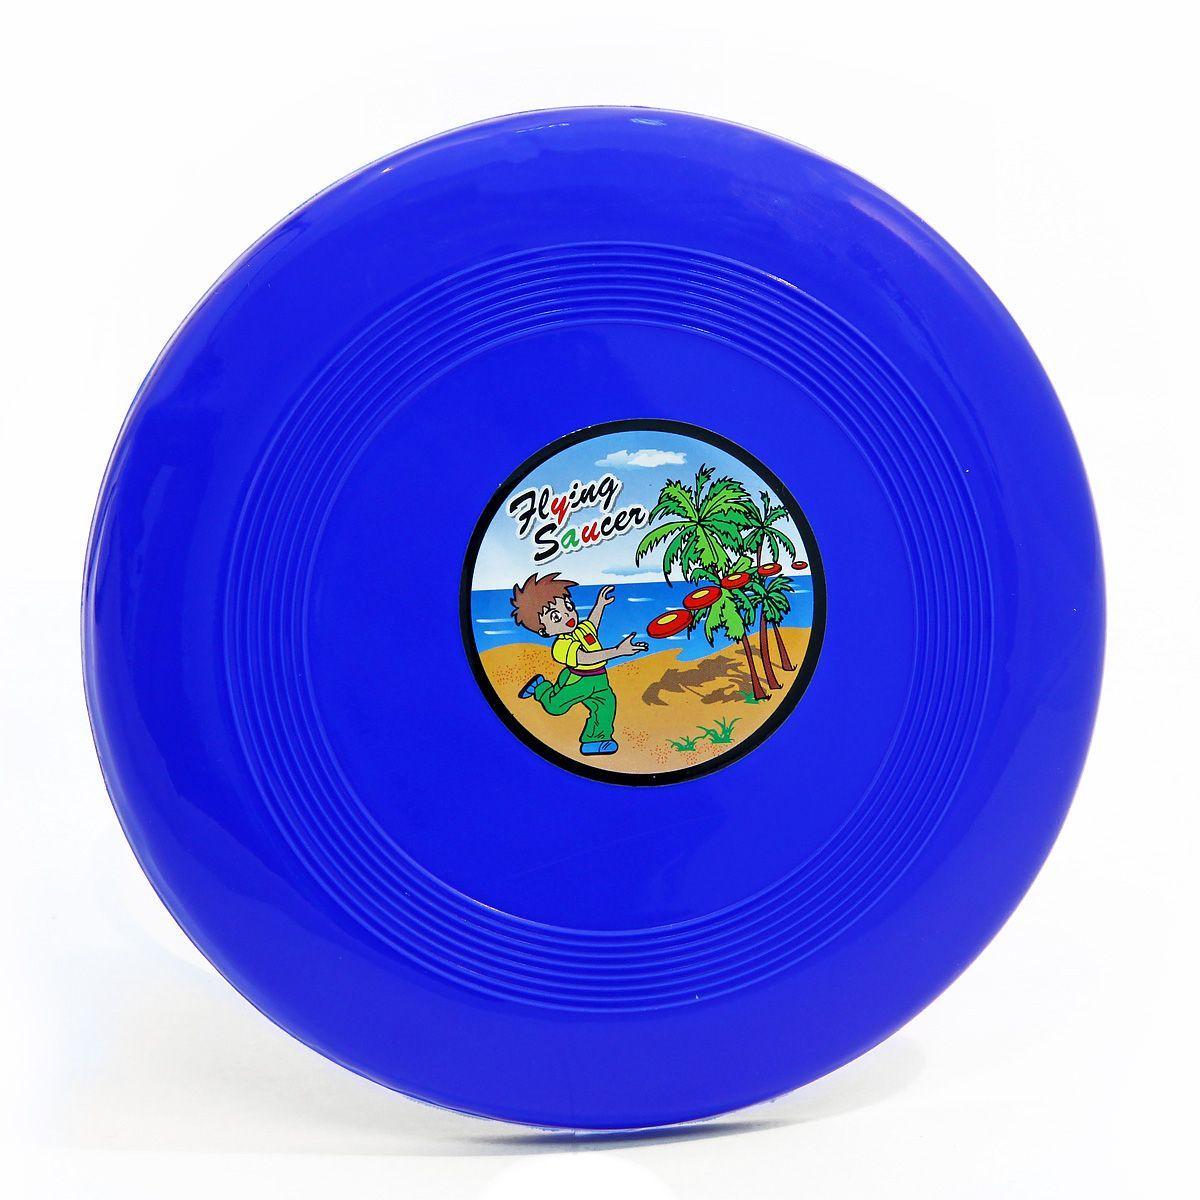 Veld-Co Летающая тарелка диаметр 14 см 43913 набор для игры с песком veld co самосвал с формочками в ассортименте